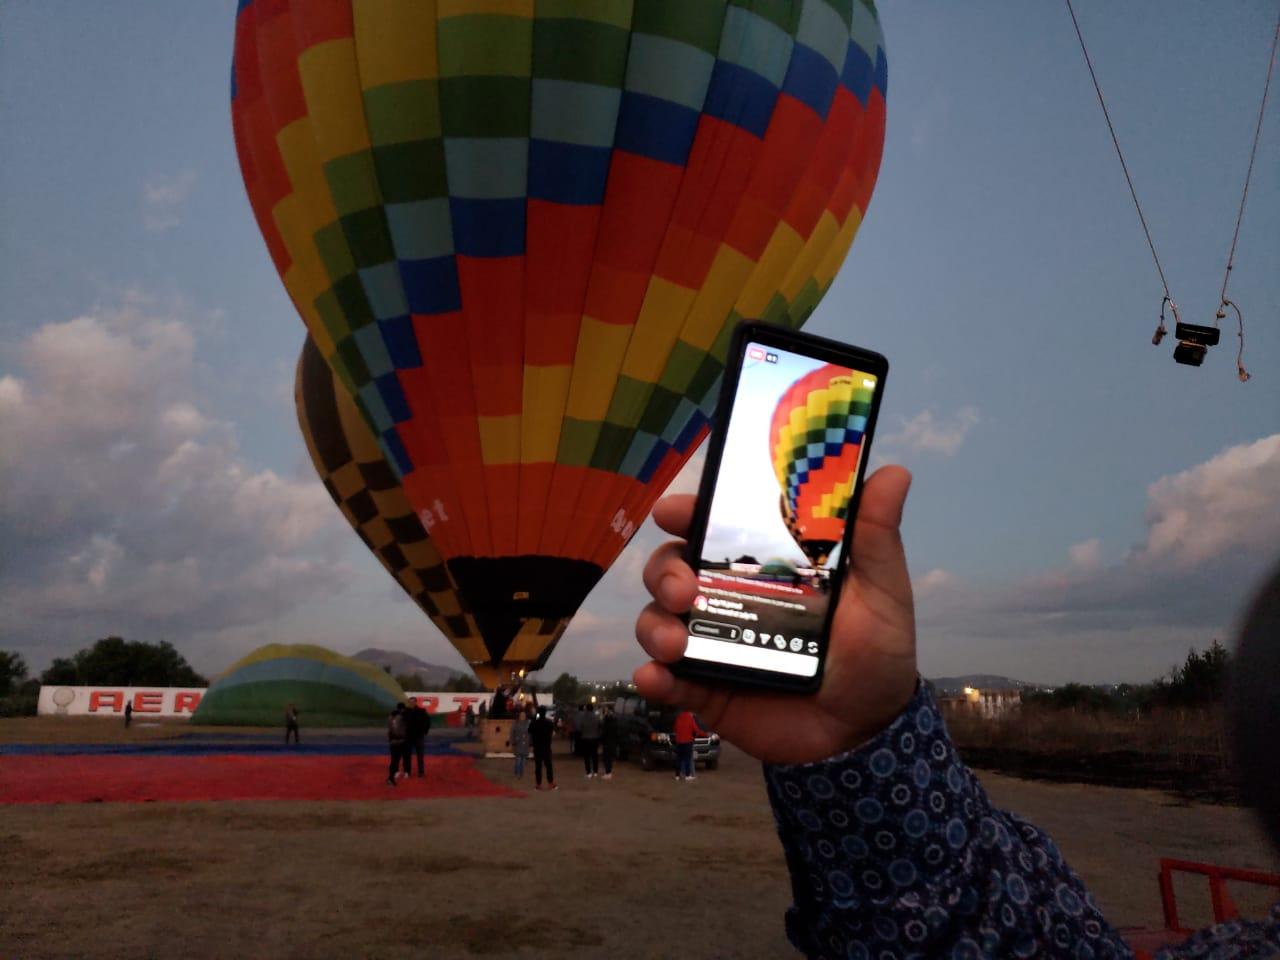 Foto tomada amaneciendo cuando aún estaba medio oscuro en Teotihuacán, México justo antes de nuestro paseo en Globo Aeroestático